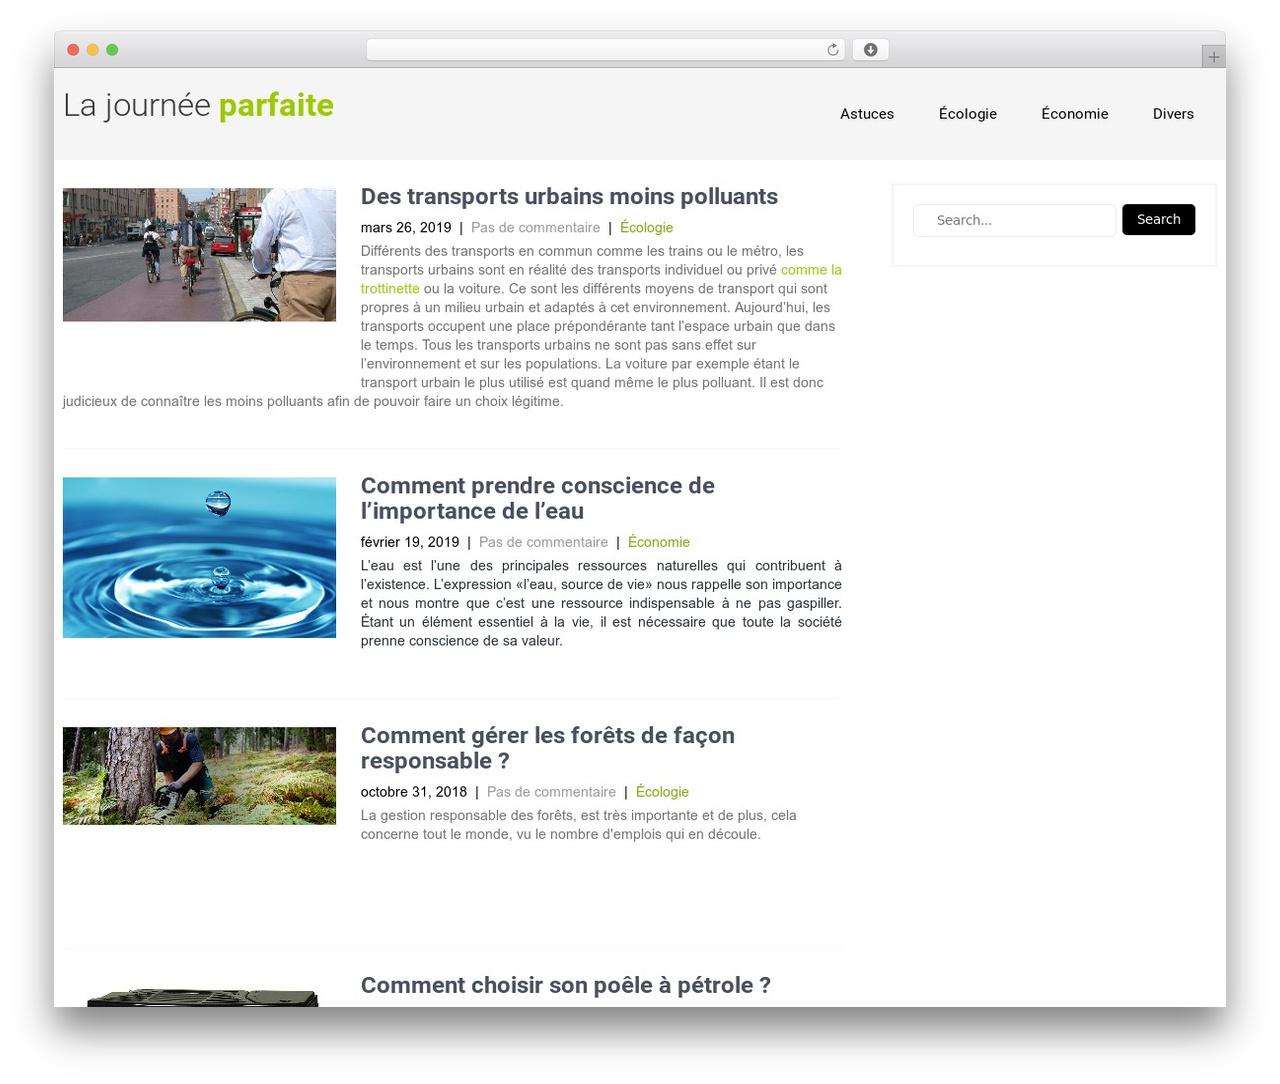 WP theme Eco Friendly Lite - lajourneeparfaite.fr